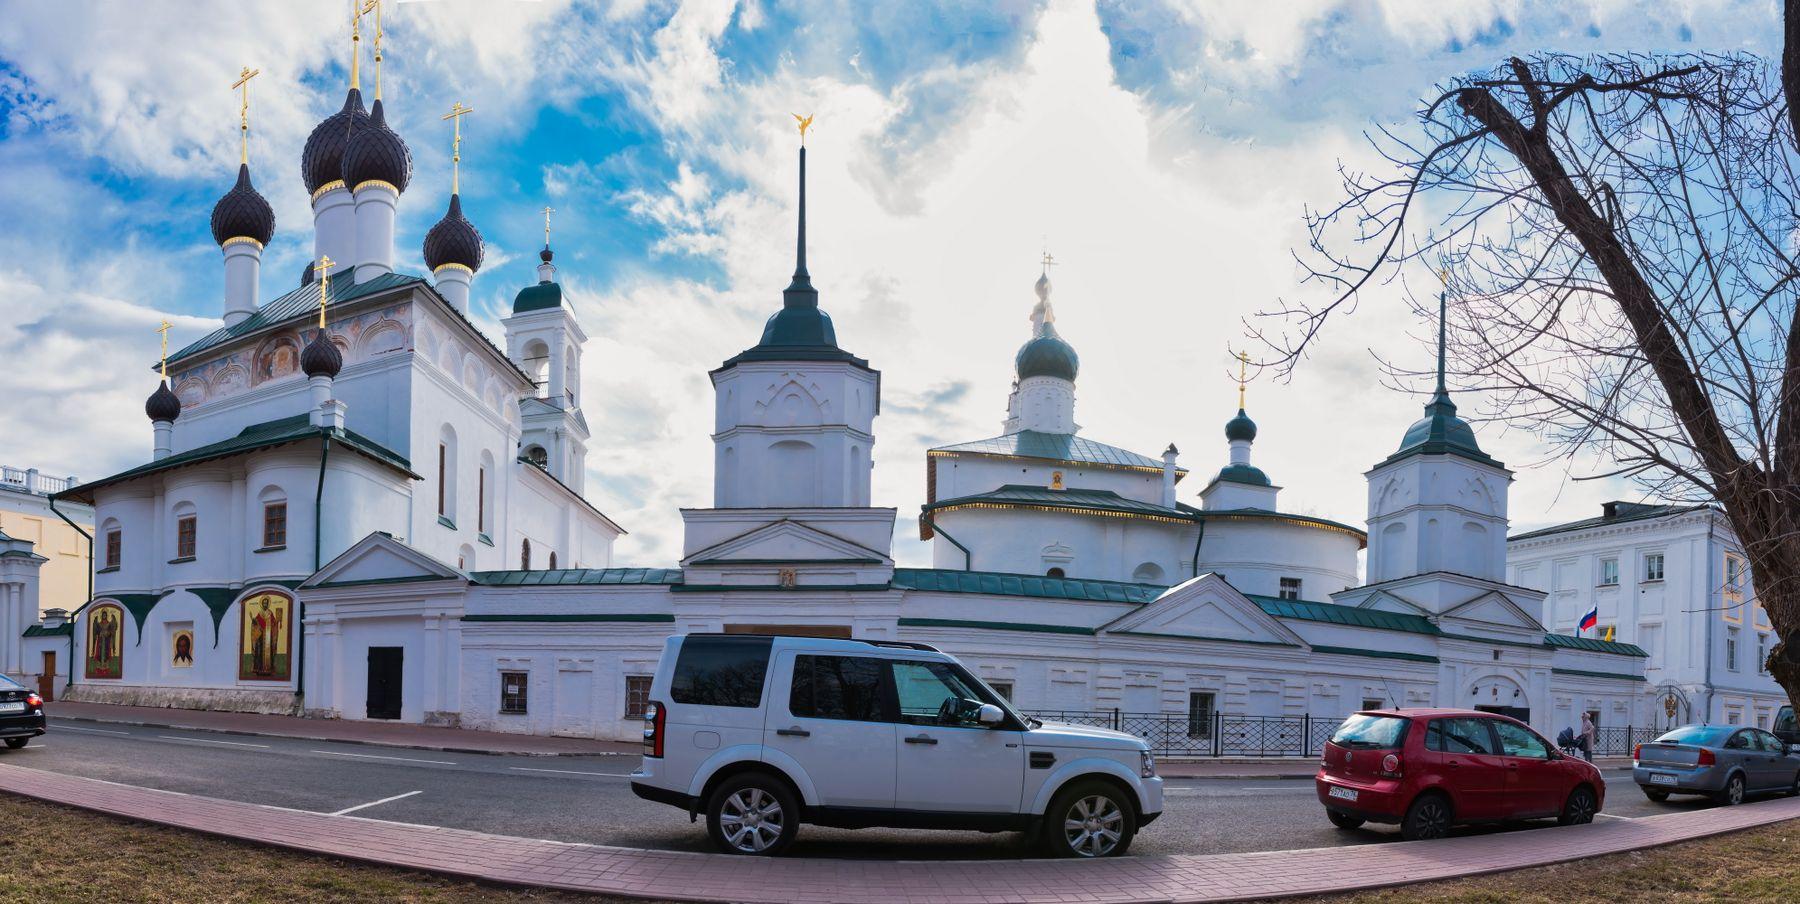 Кирилло-Афанасьевский мужской монастырь г. Ярославль